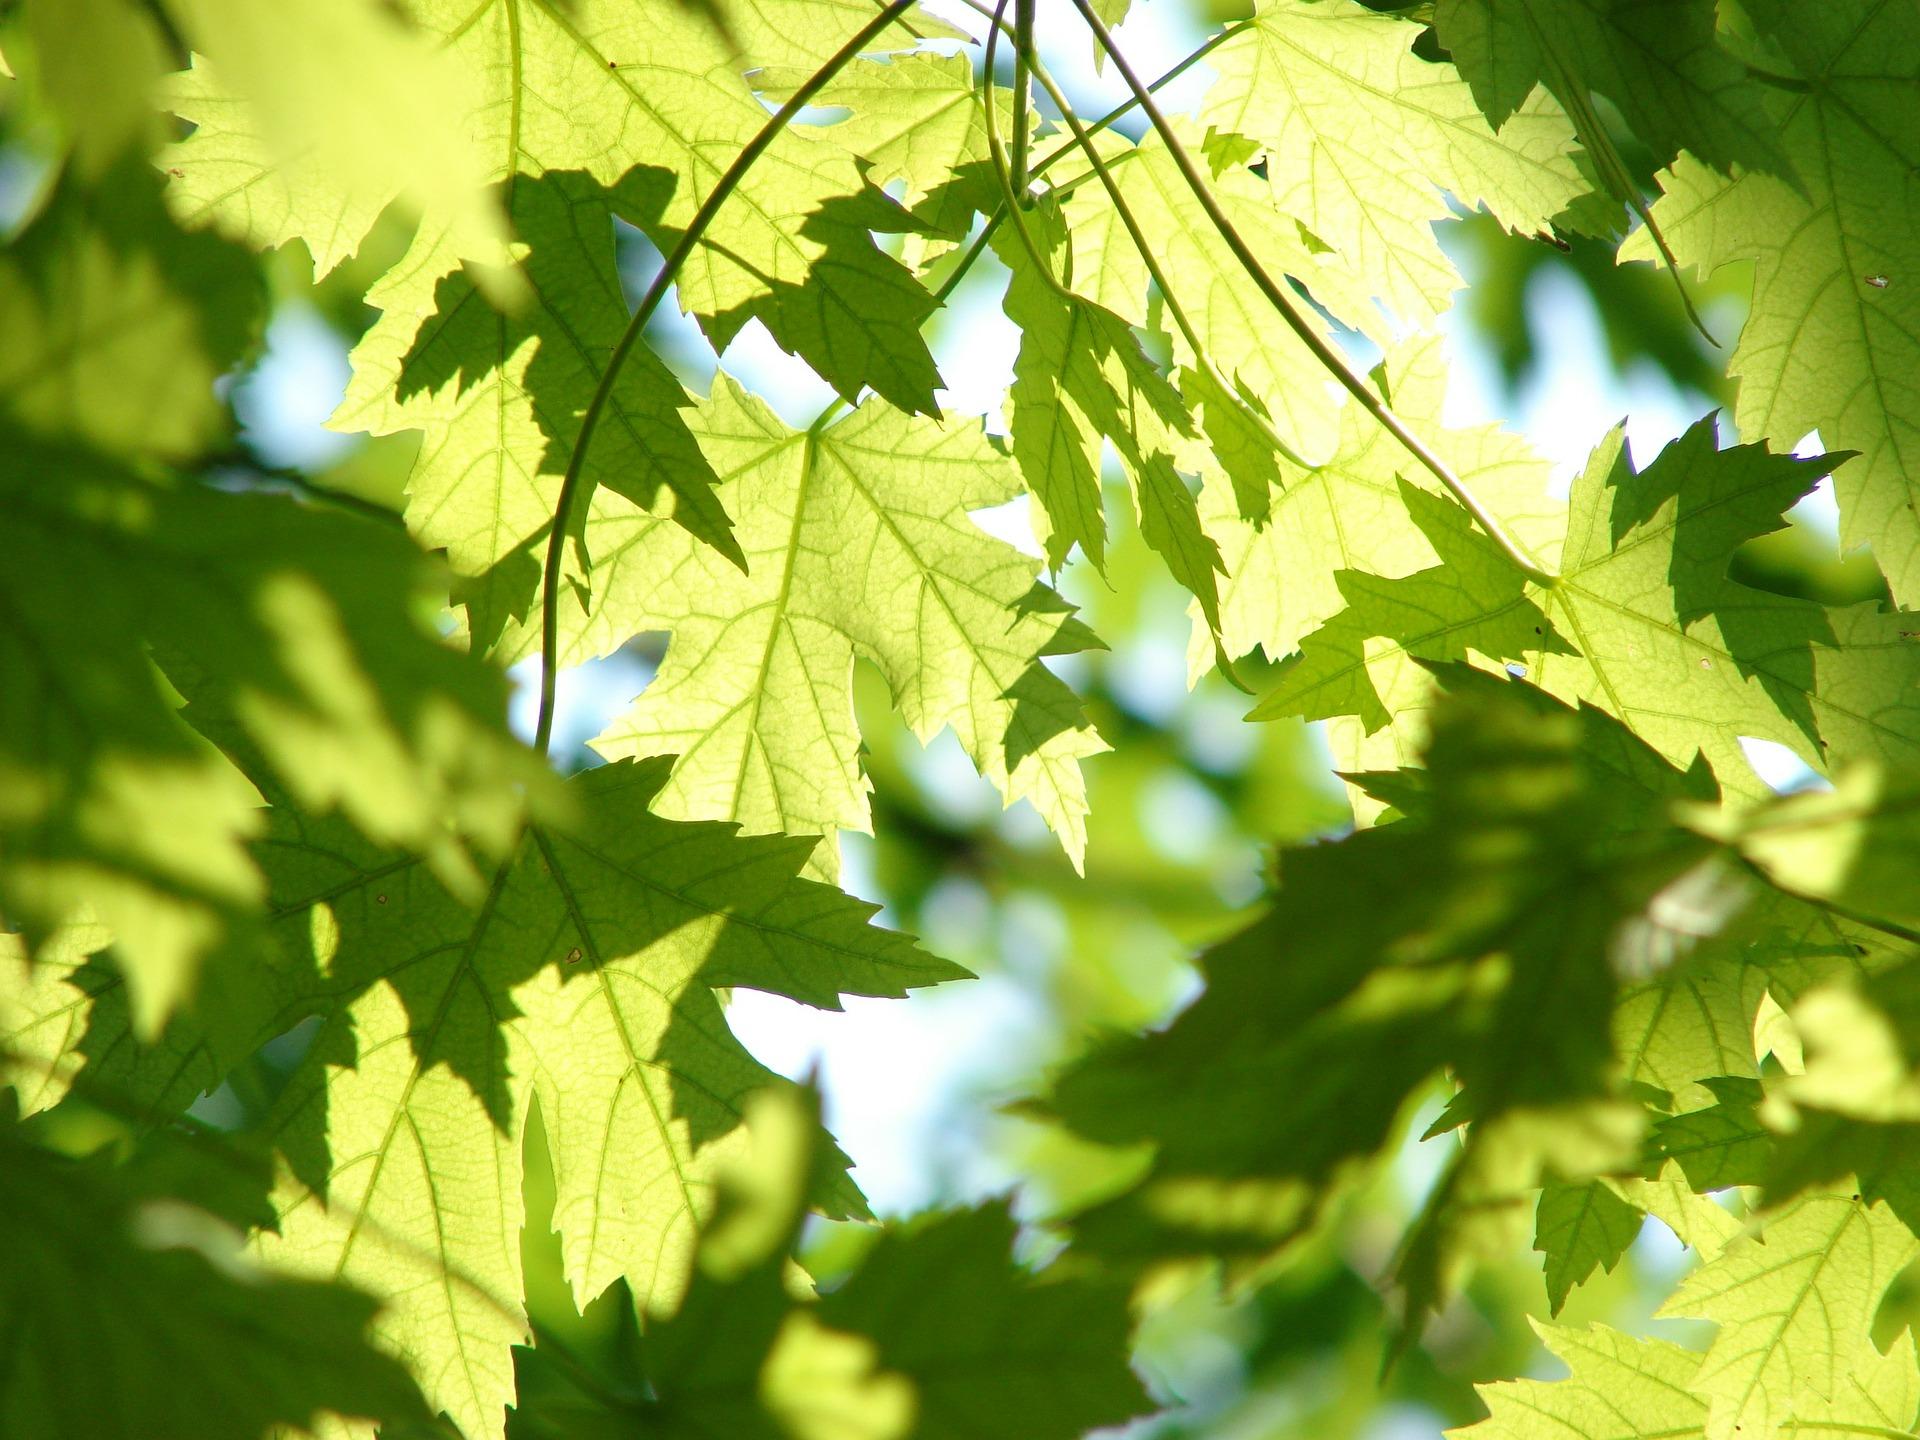 healthy leaves